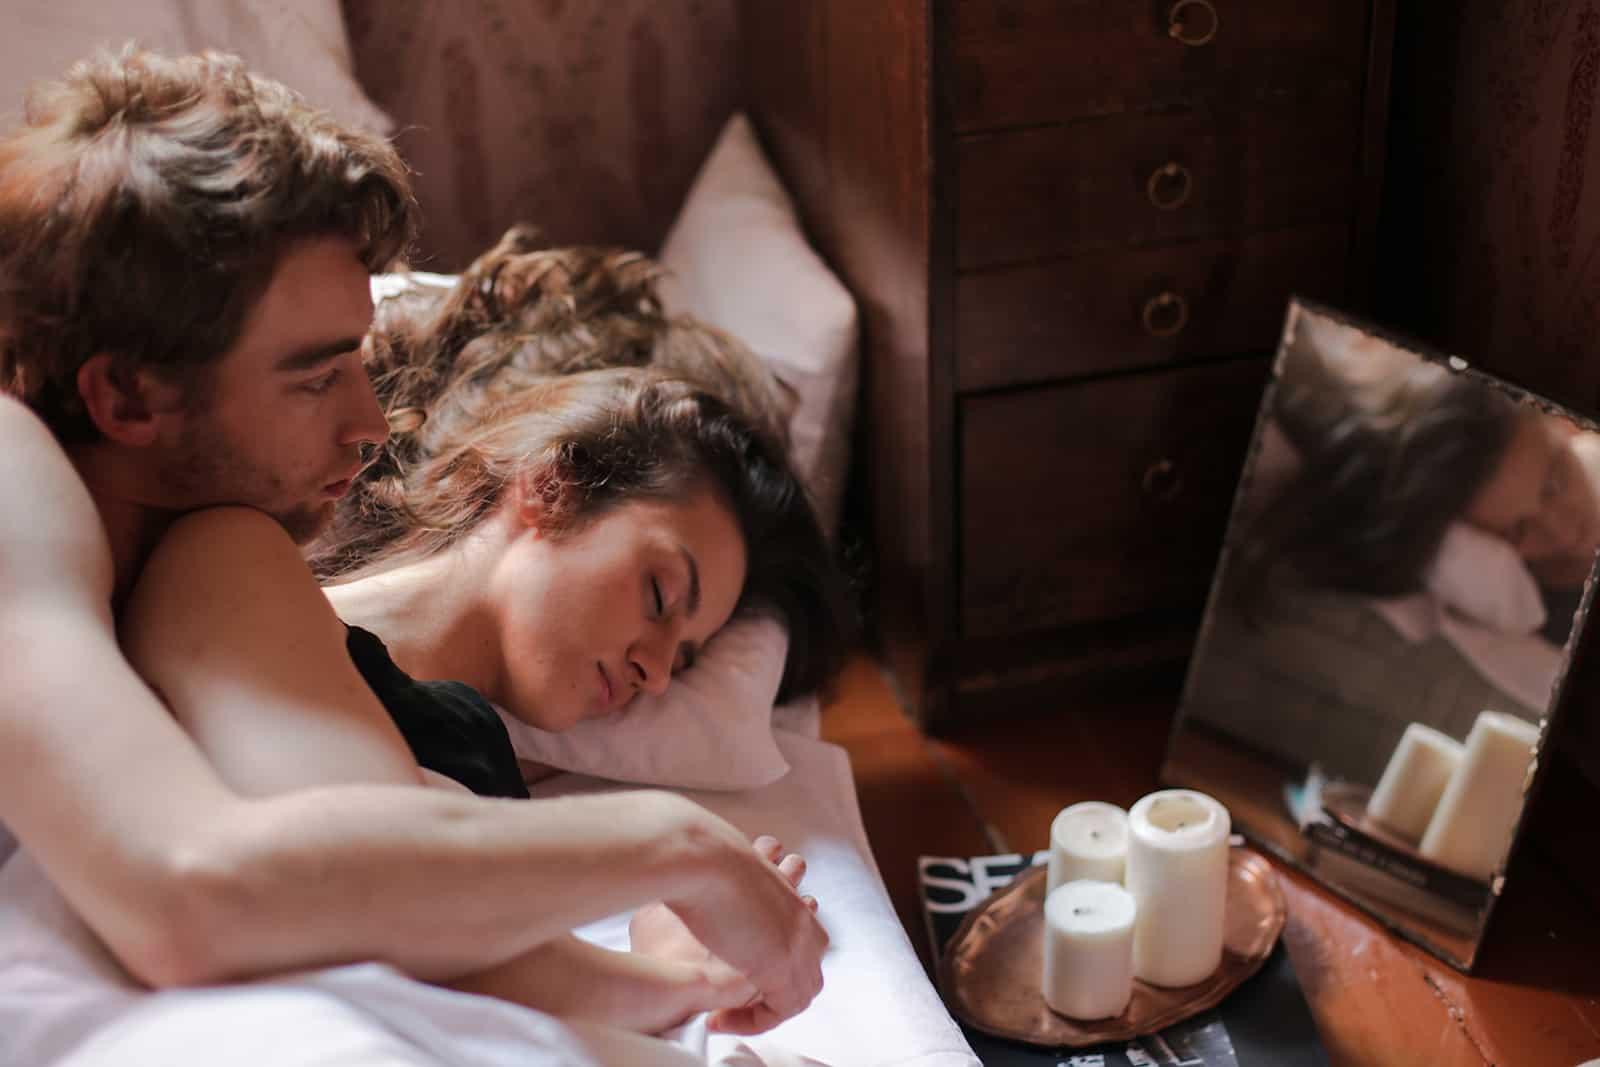 ein Paar im Bett liegen